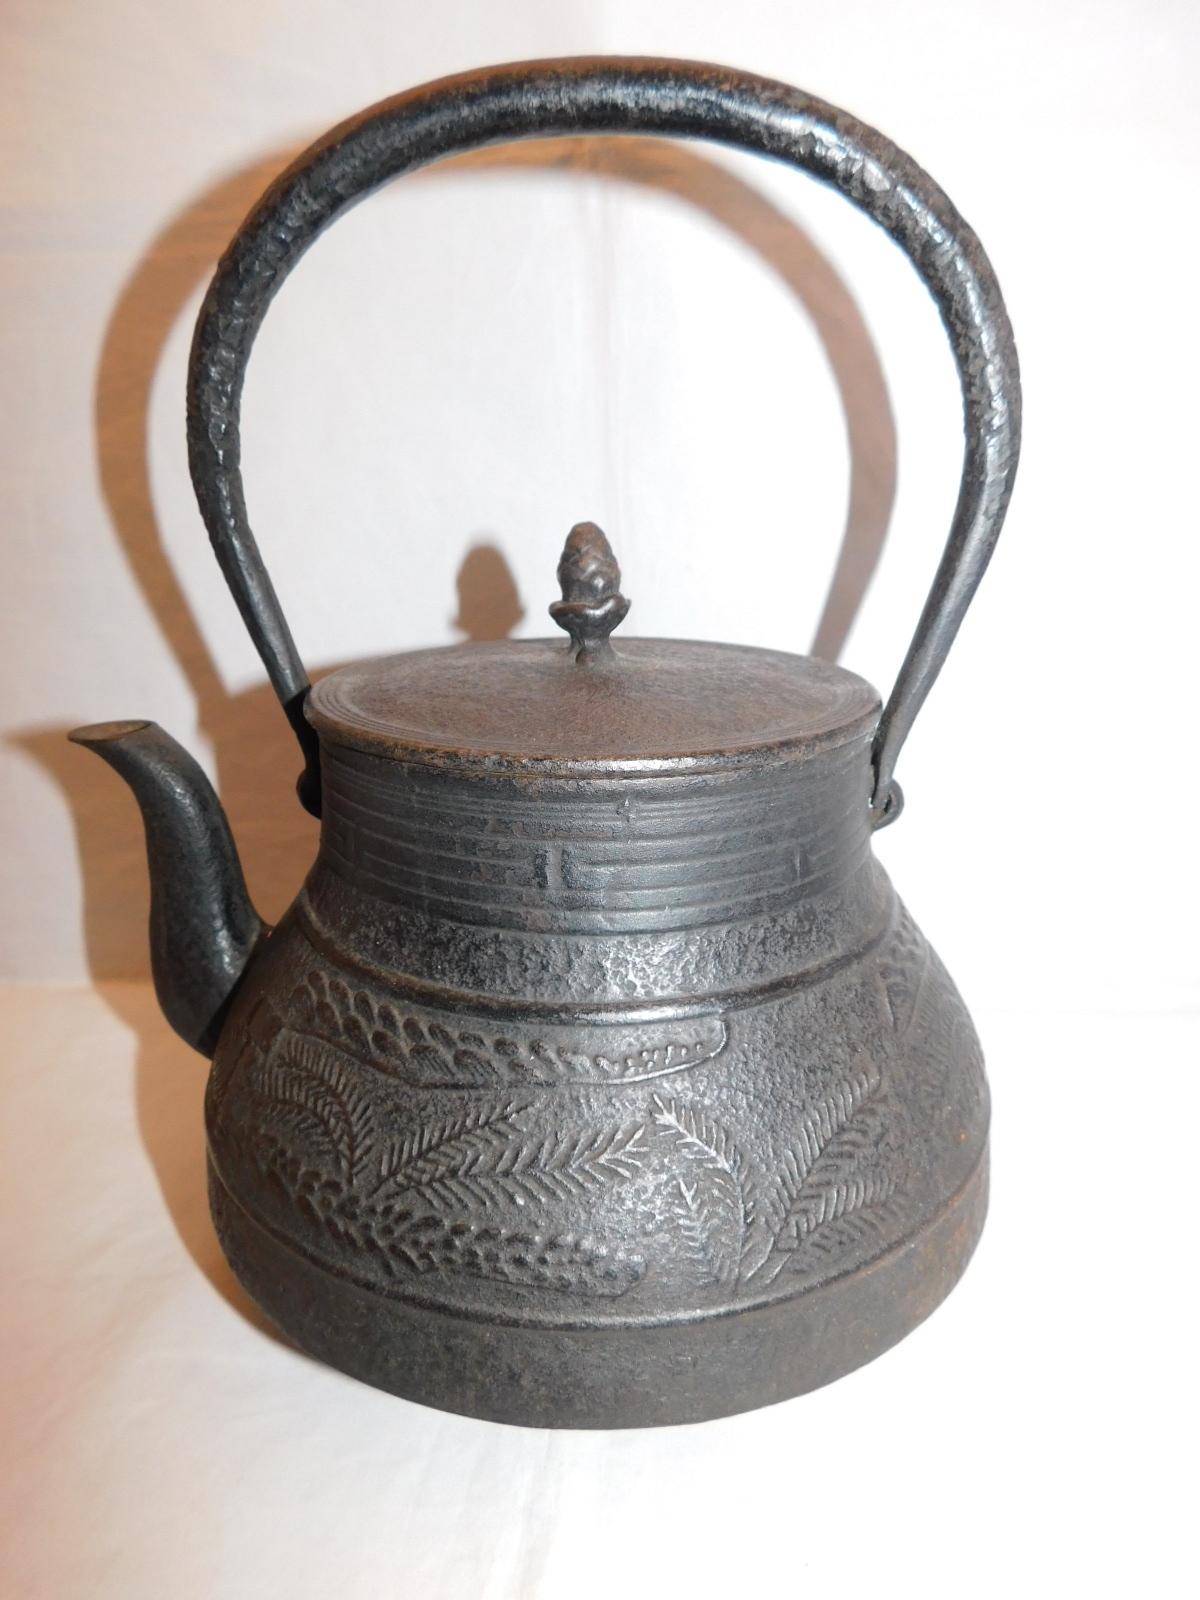 鉄瓶(黑、シダ) iron kettle(black color fern)(No22)